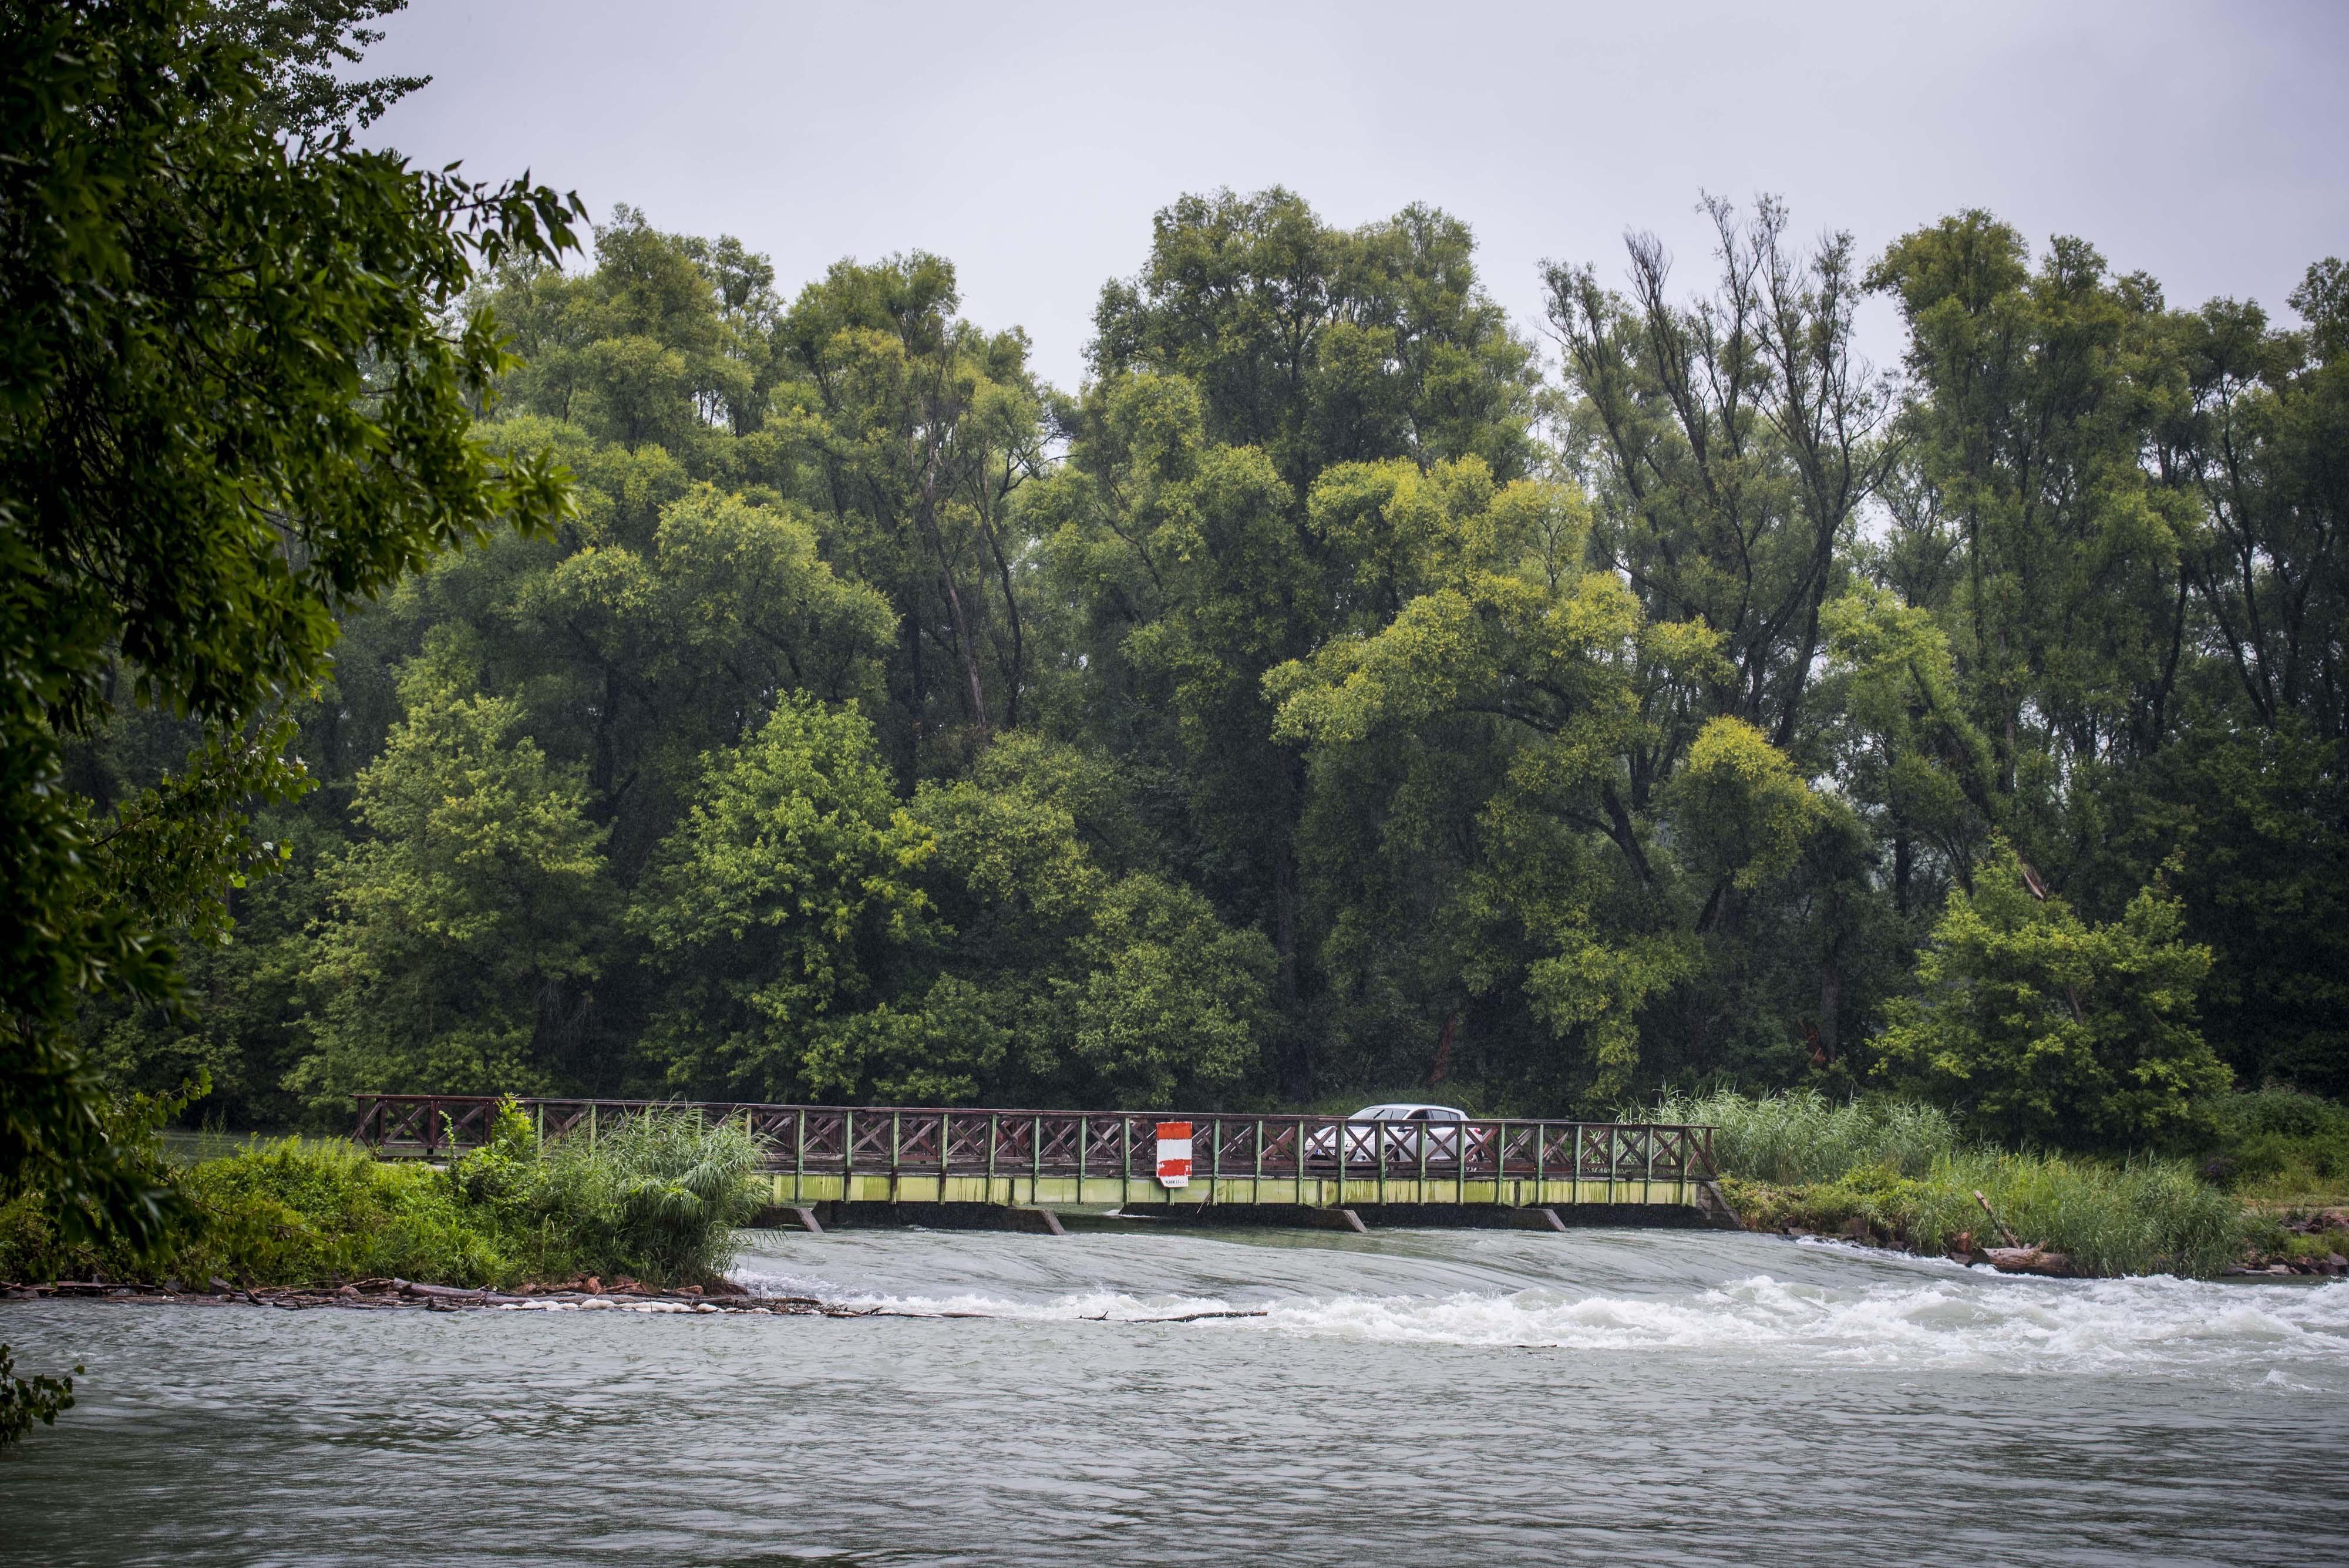 Mintegy kétmilliárd forintból javítják a Felső-Duna mellékágrendszerének árvízvédelmét és vízpótlását